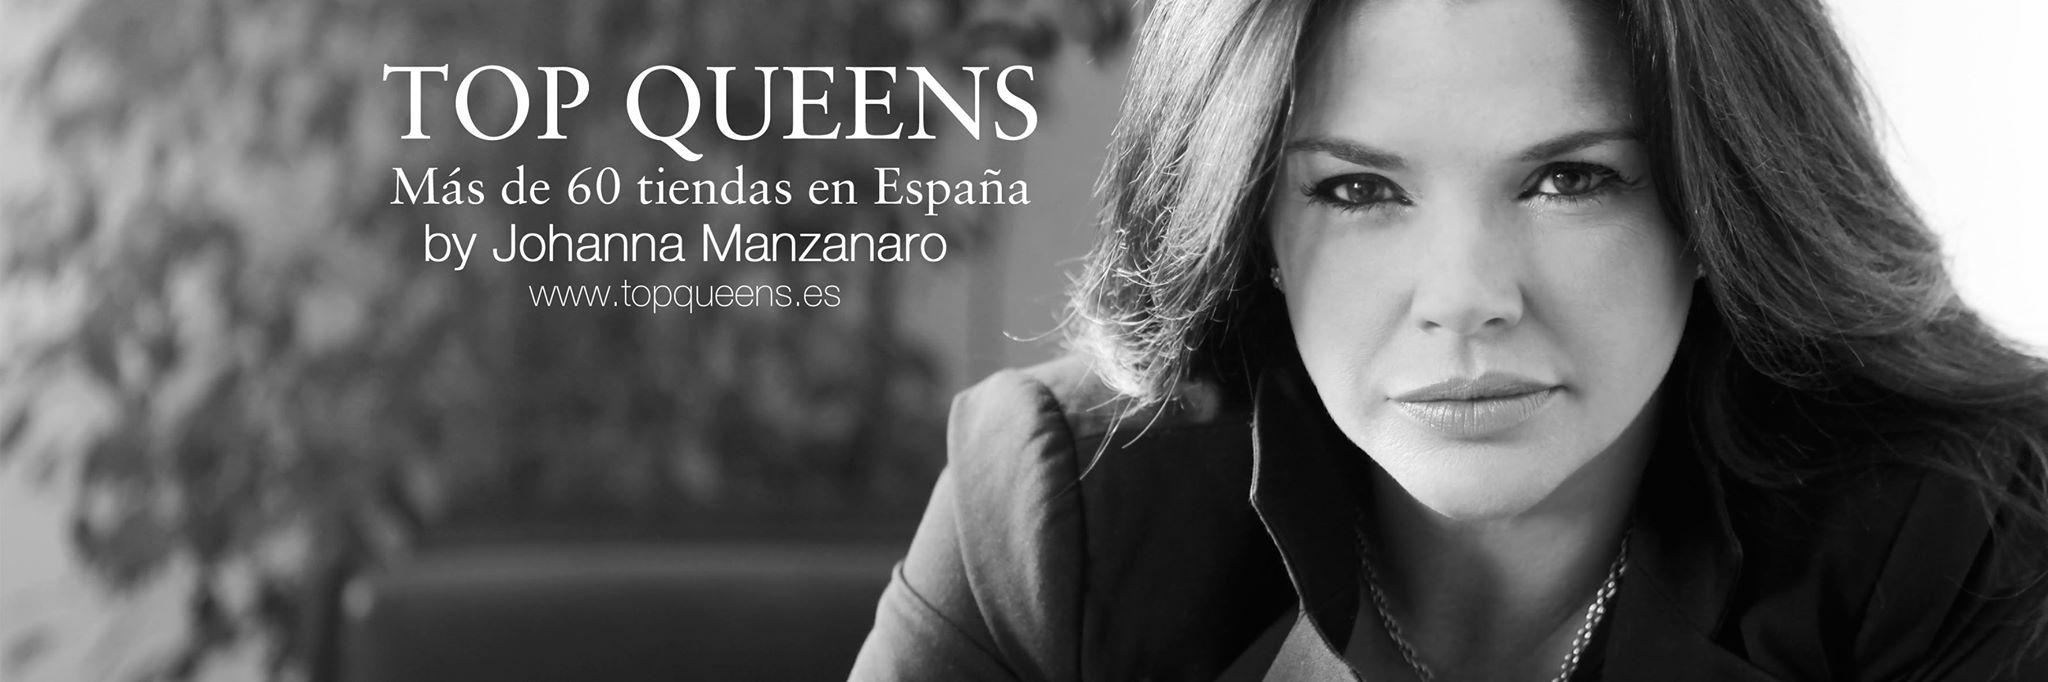 El grupo empresarial Top Queens abre seis nuevas tiendas en España